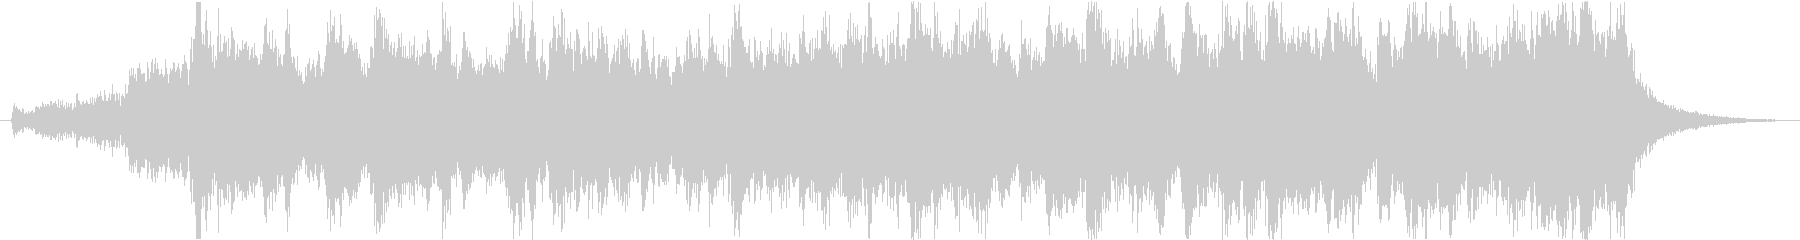 感動シネマティックエピックオーケストラfの未再生の波形